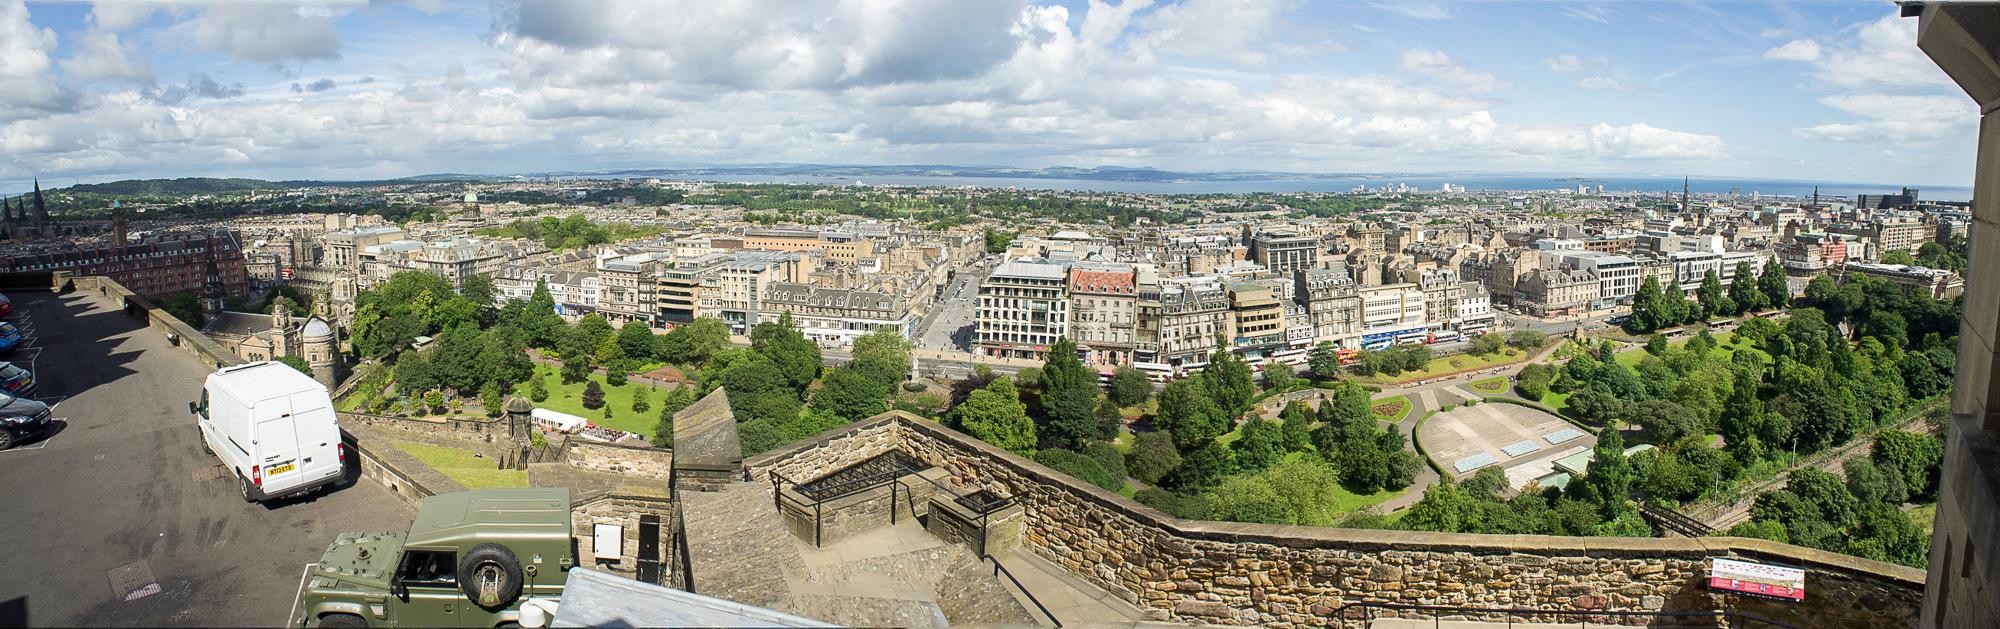 059Castle Edinburgh 5-2.jpg